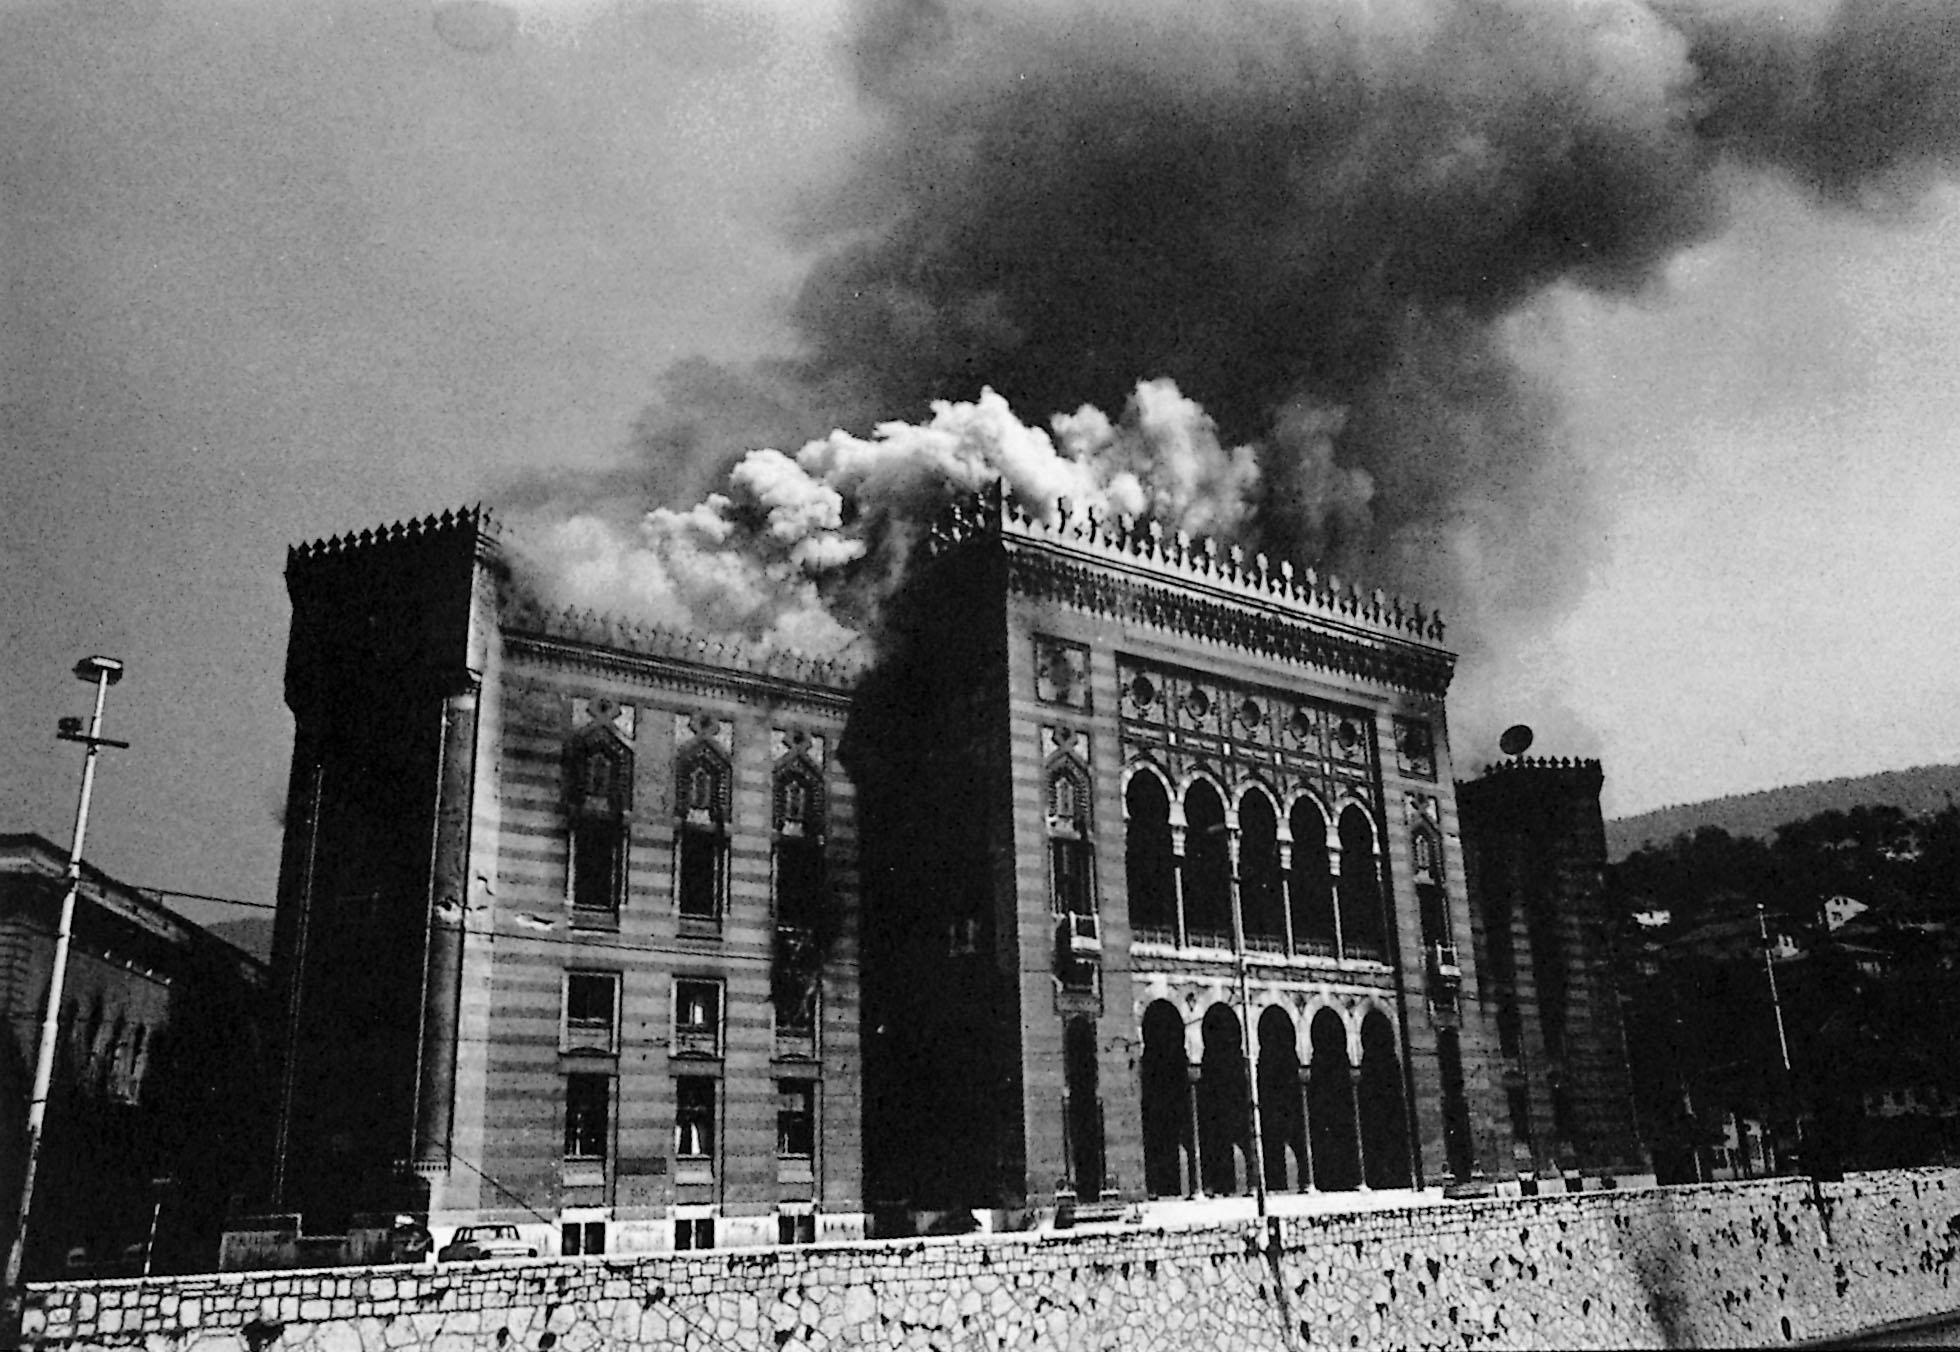 Il bombardamento della Vijećnica (dalla copertina di Sarajevo centro del mondo: diario di un trasloco, ADV)